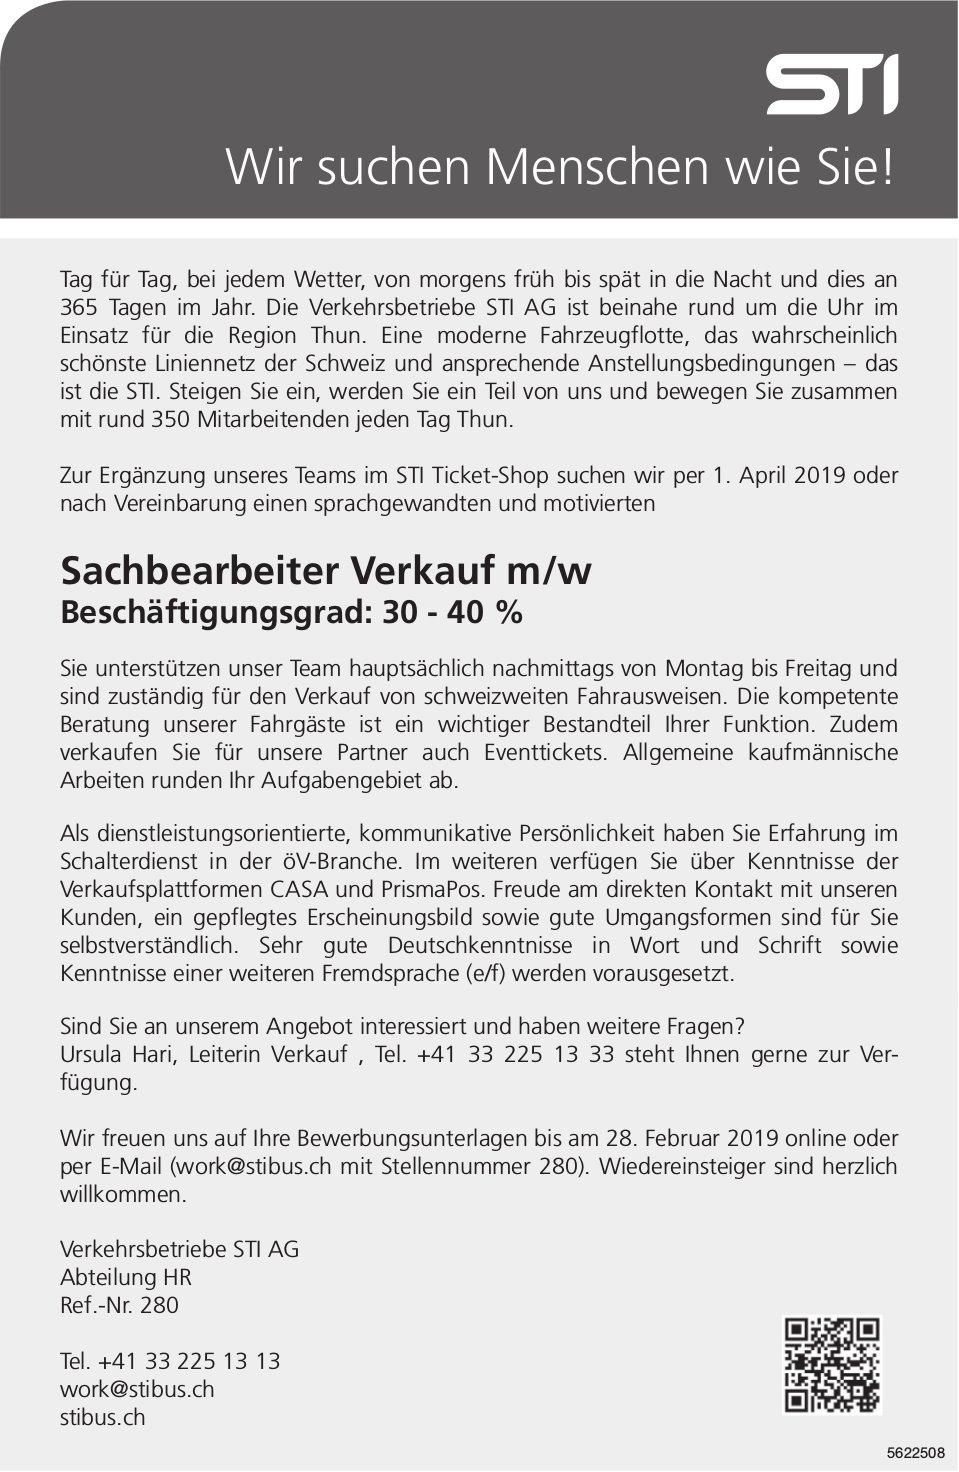 Sachbearbeiter Verkauf m/w, 30-40%, Verkehrsbetriebe STI AG, STI Ticket-Shop, gesucht